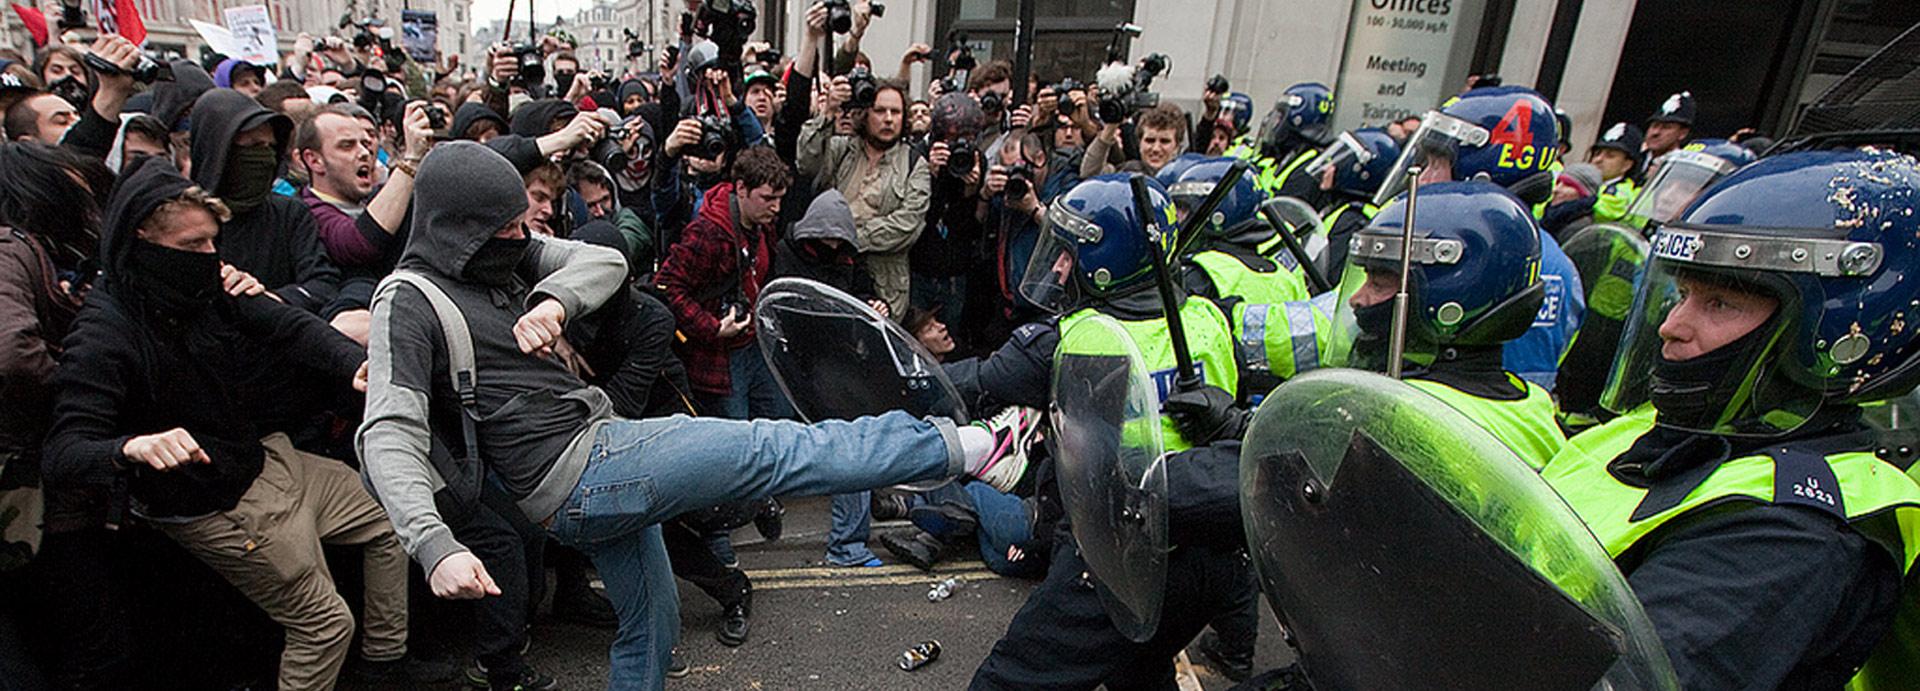 Protestors strike again in New York